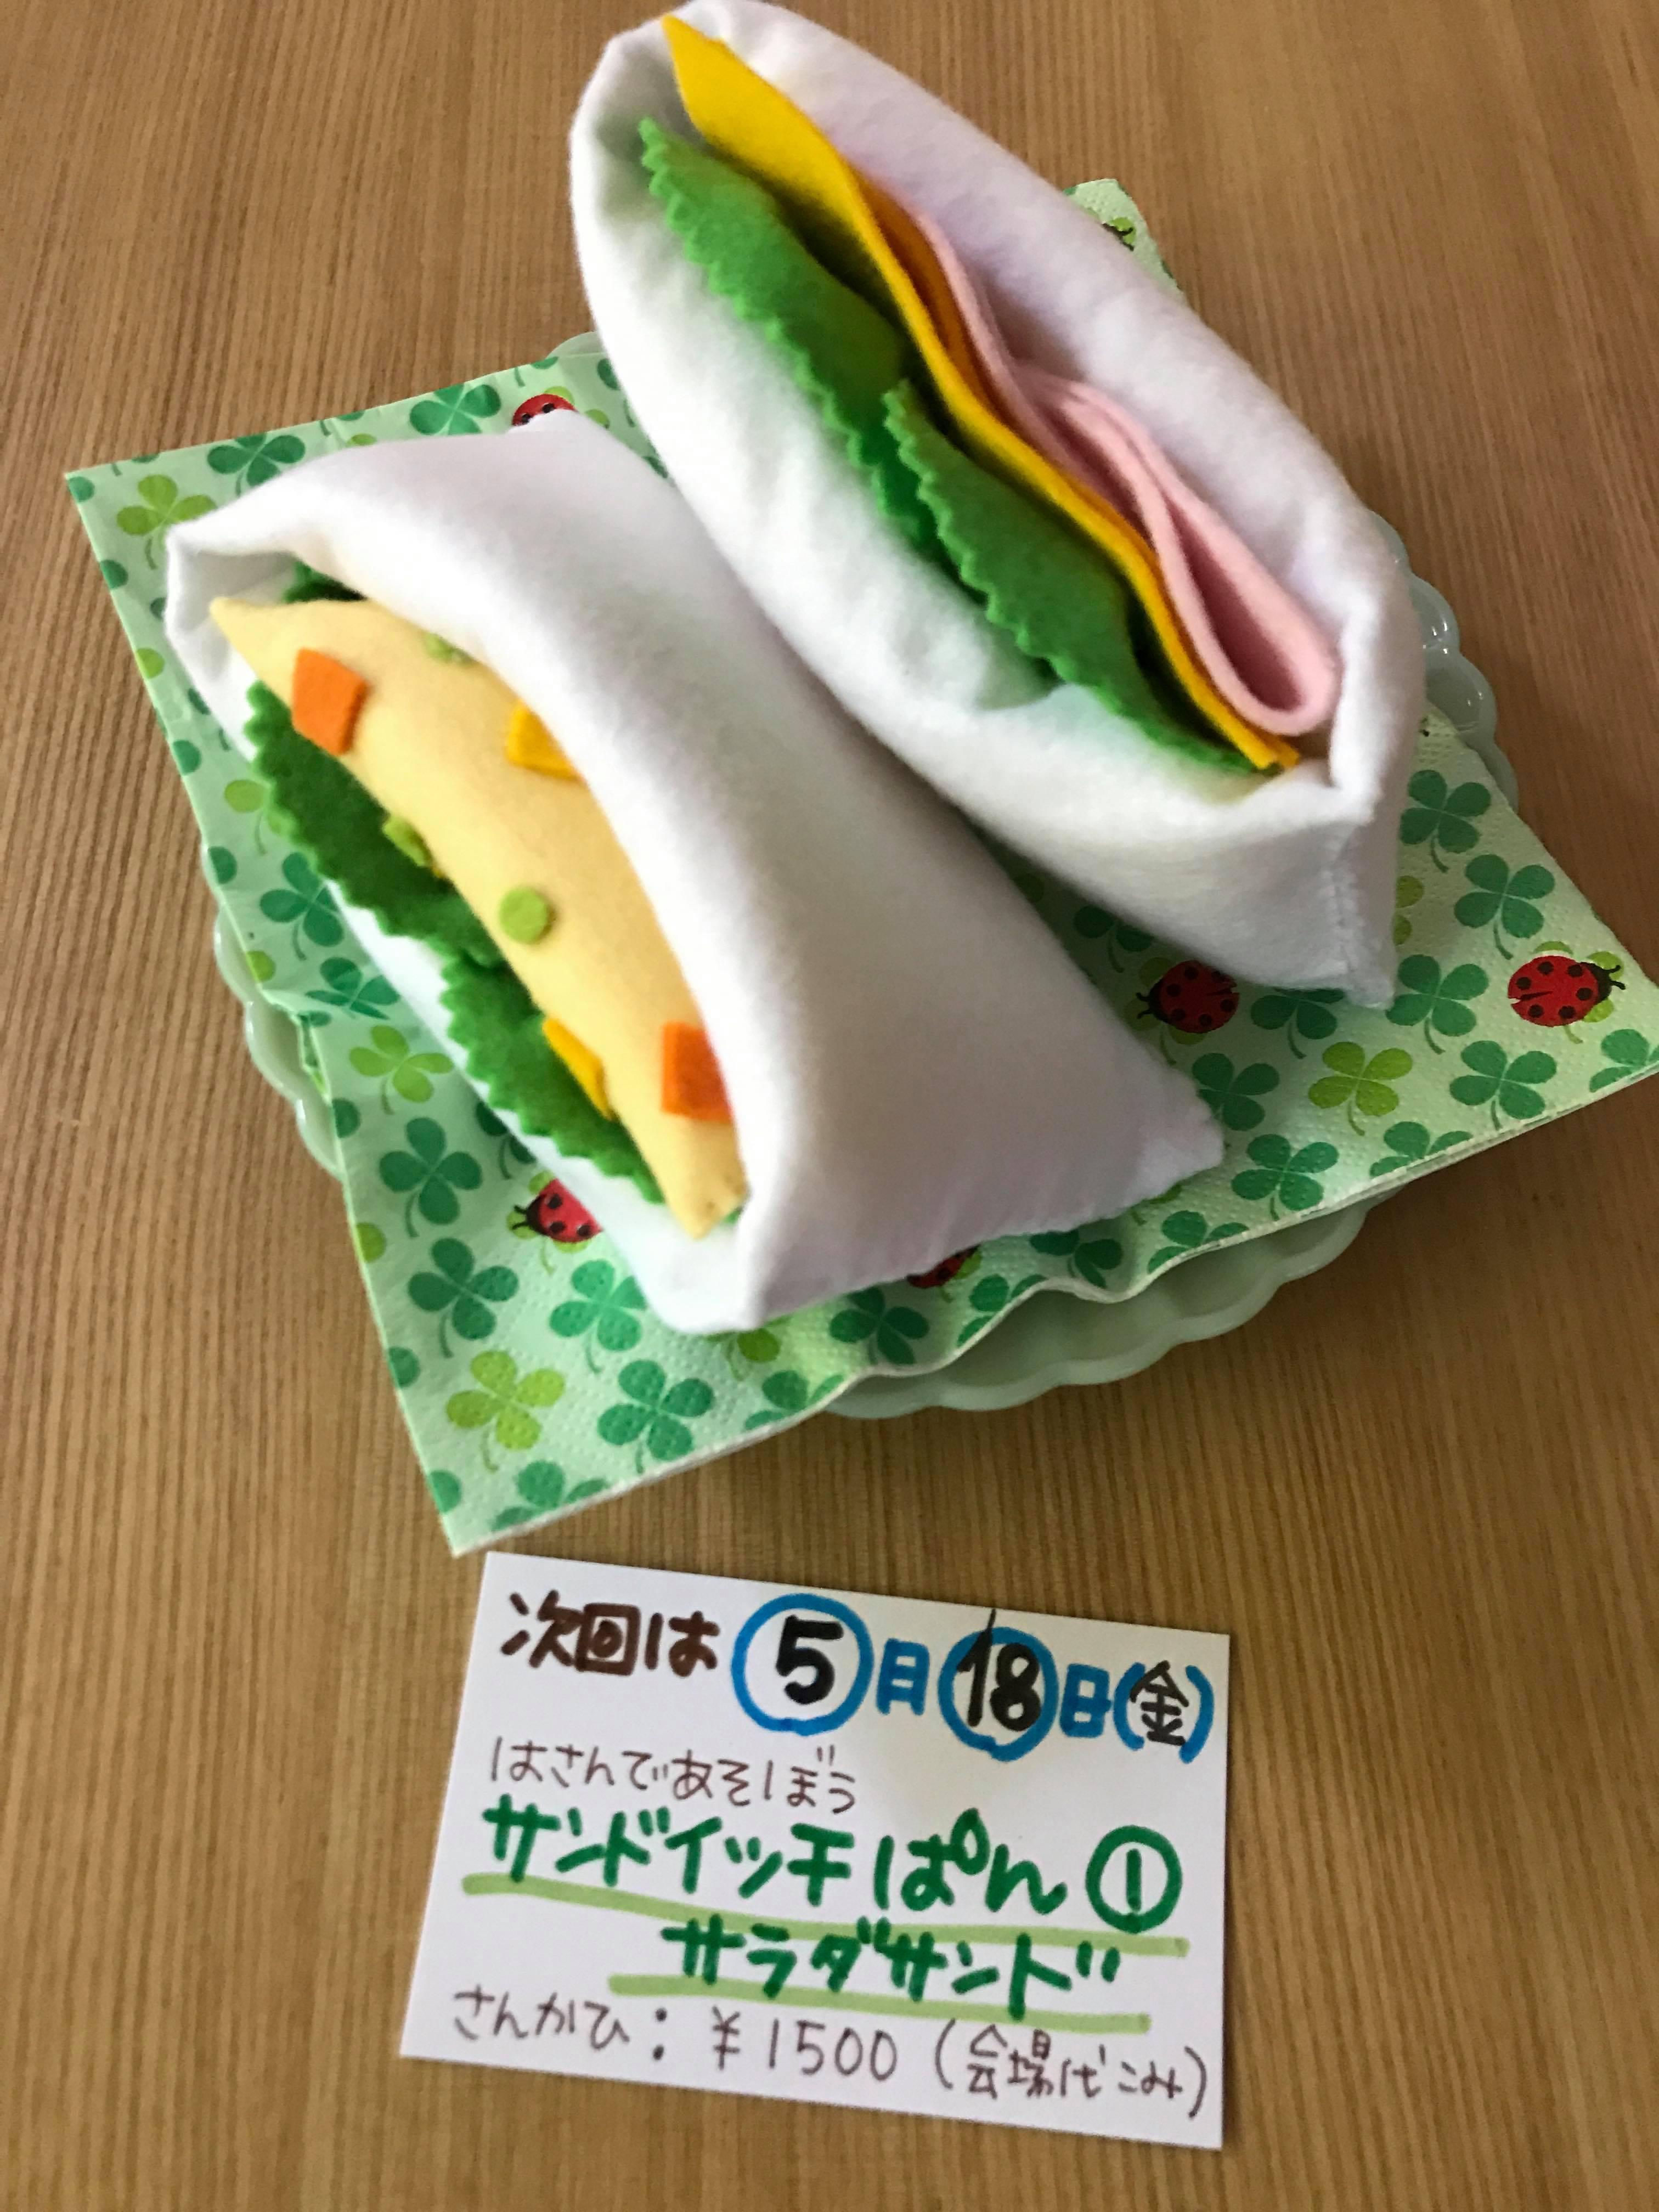 ちくちくのへや 大人おままごとの会 サンドイッチ!